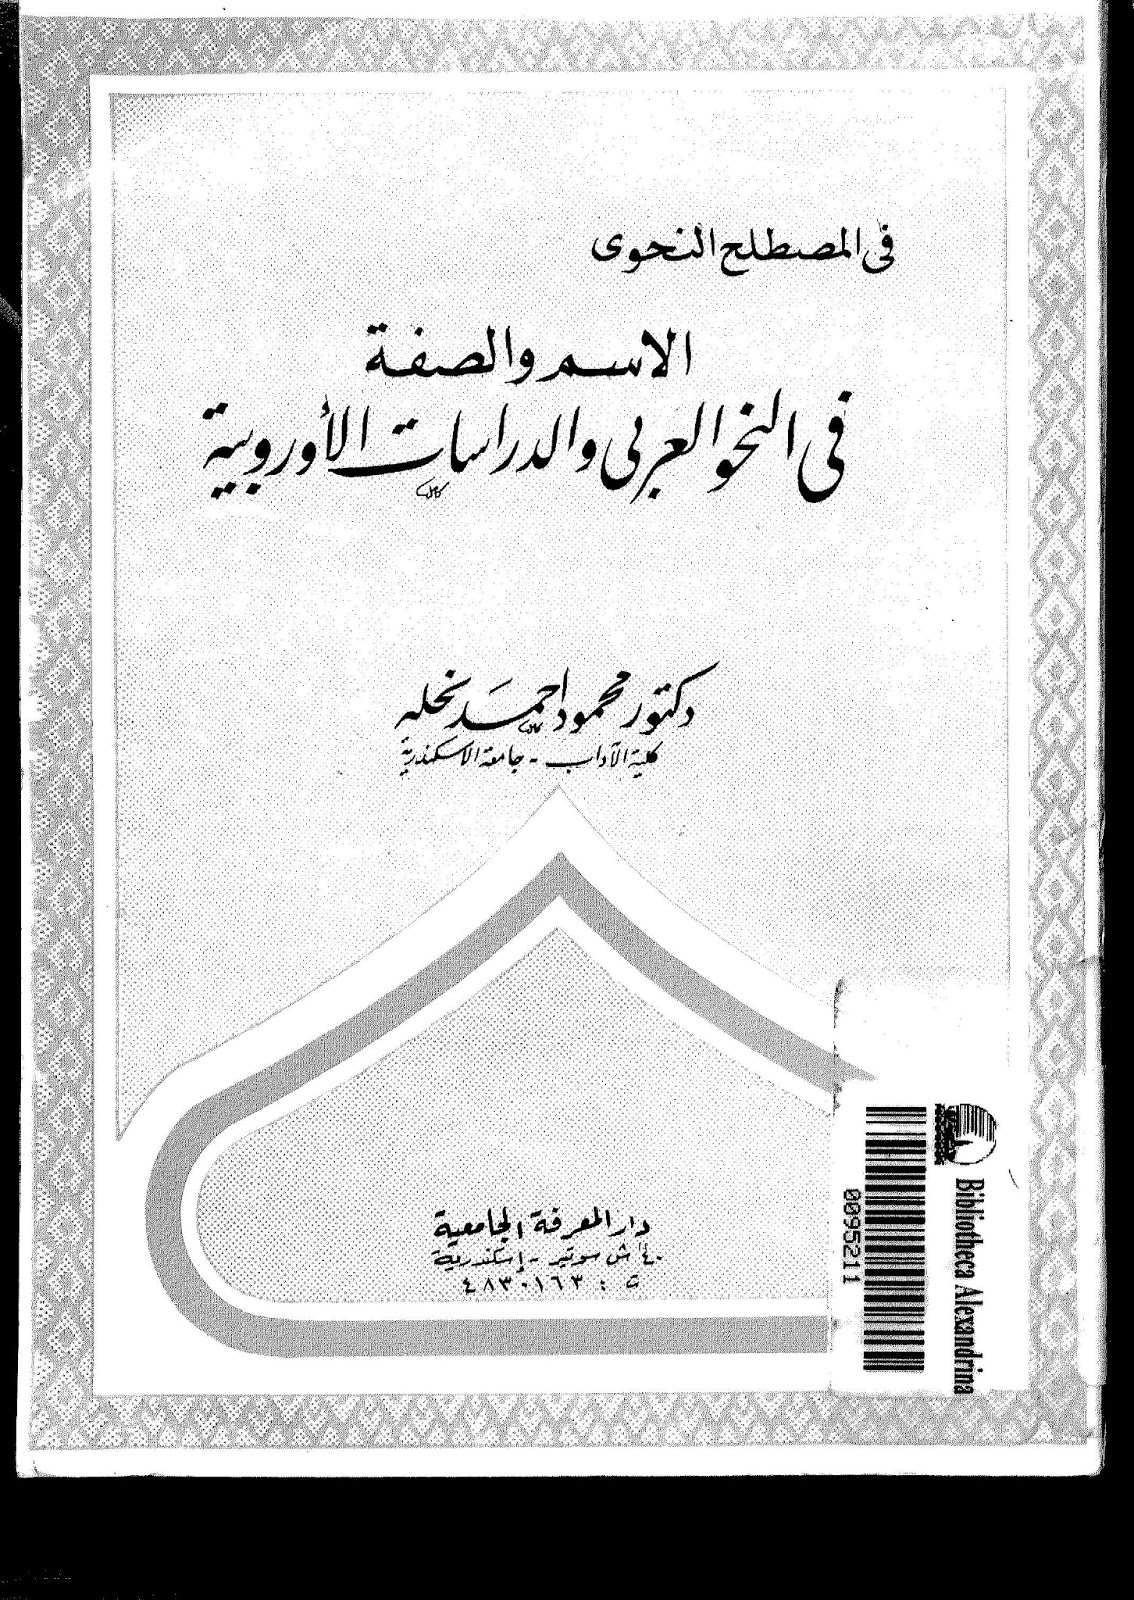 الاسم والصفة في النحو العربي والدراسات الأوروبية - محمود أحمد نحله pdf